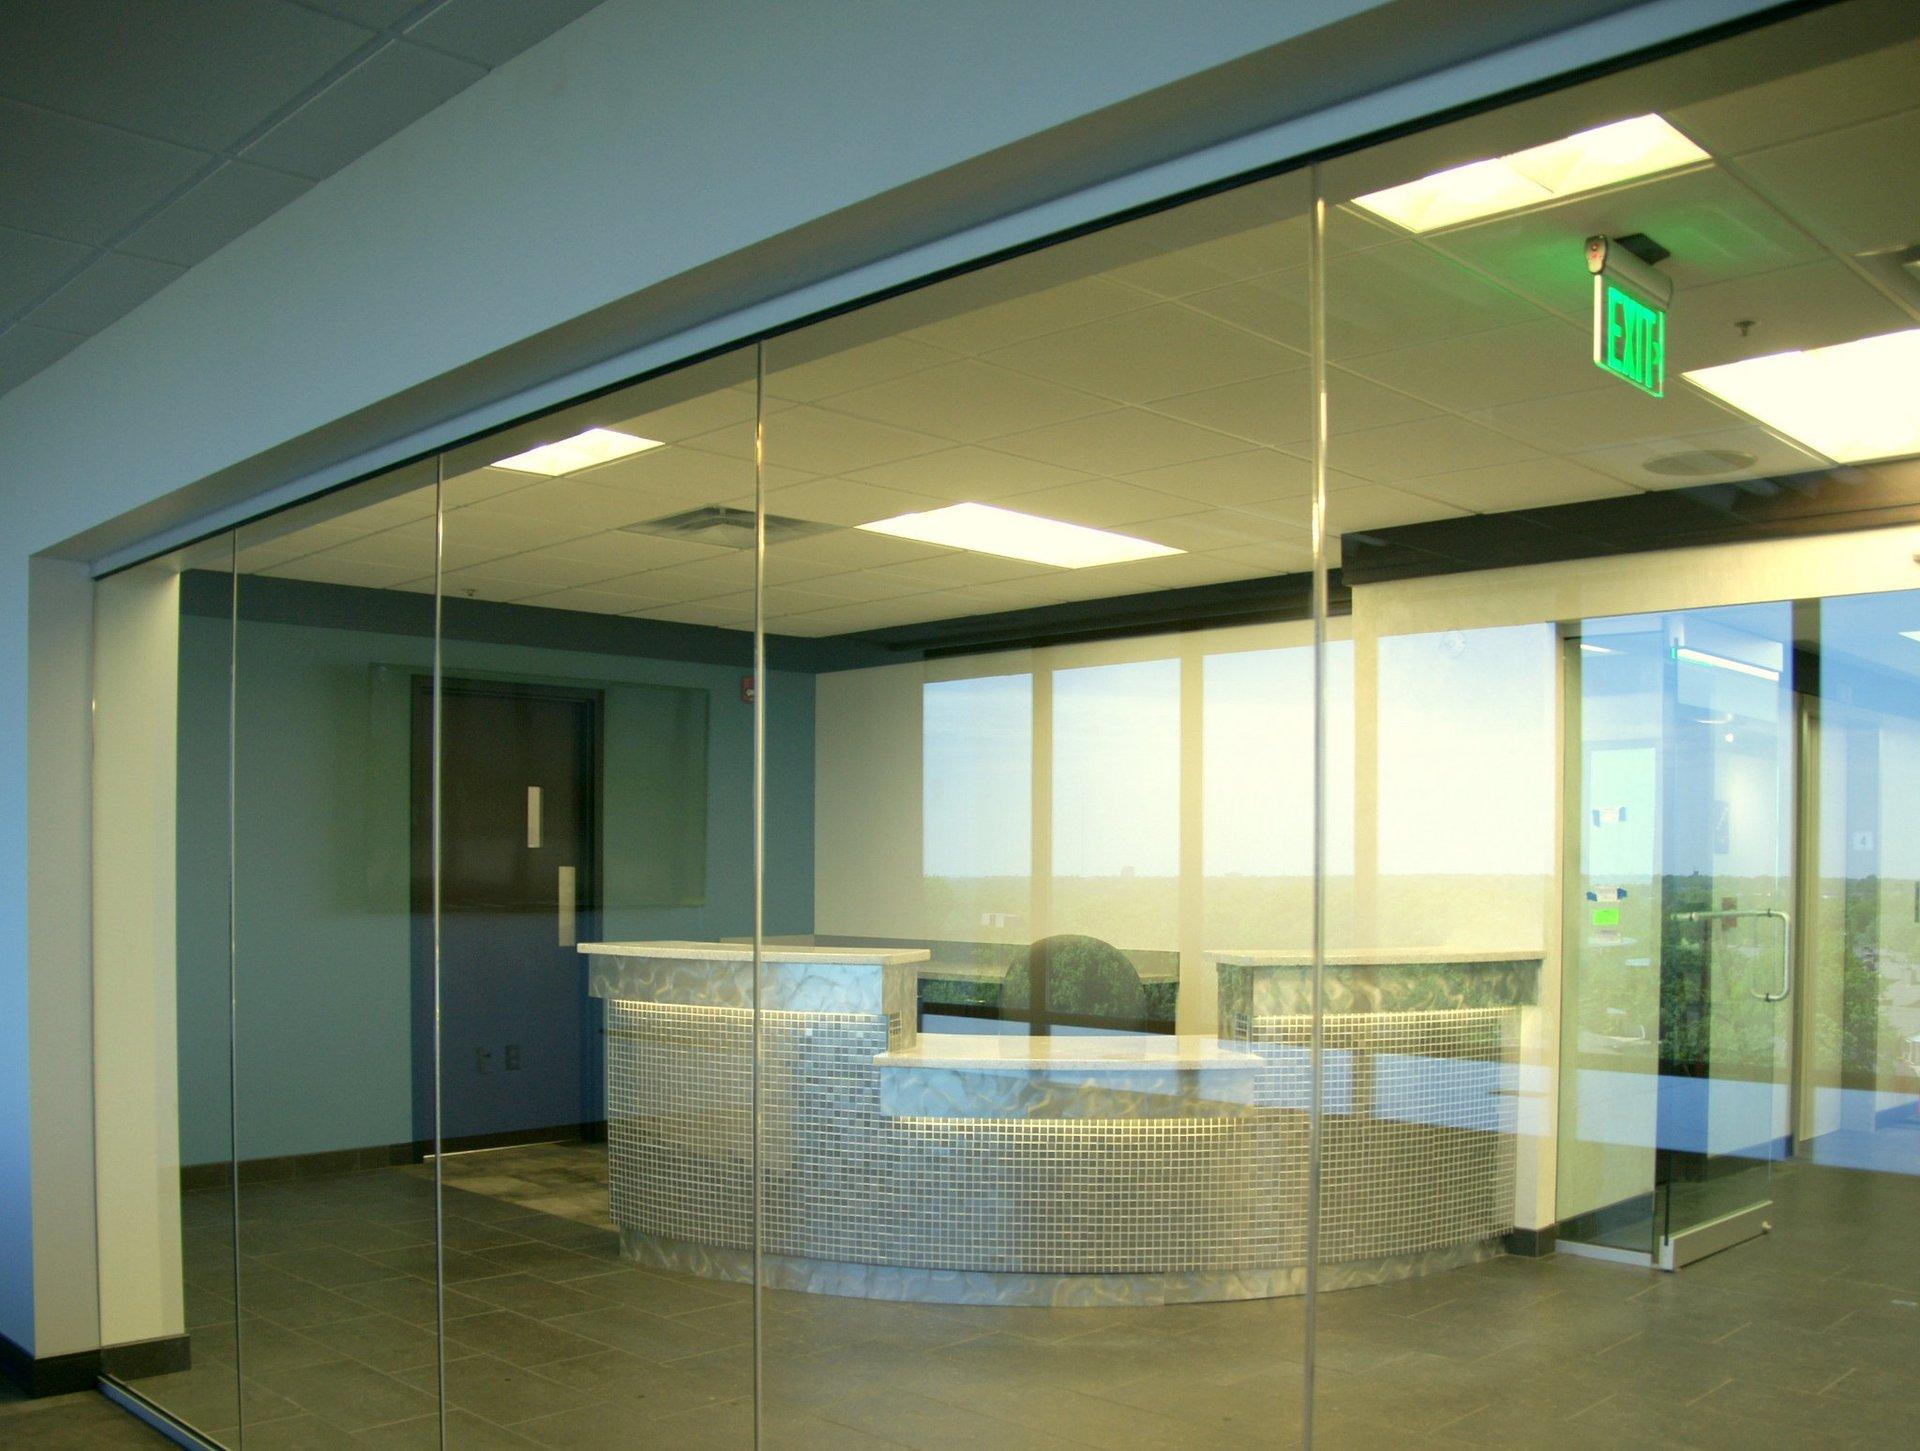 Evans Building Concepts image 1